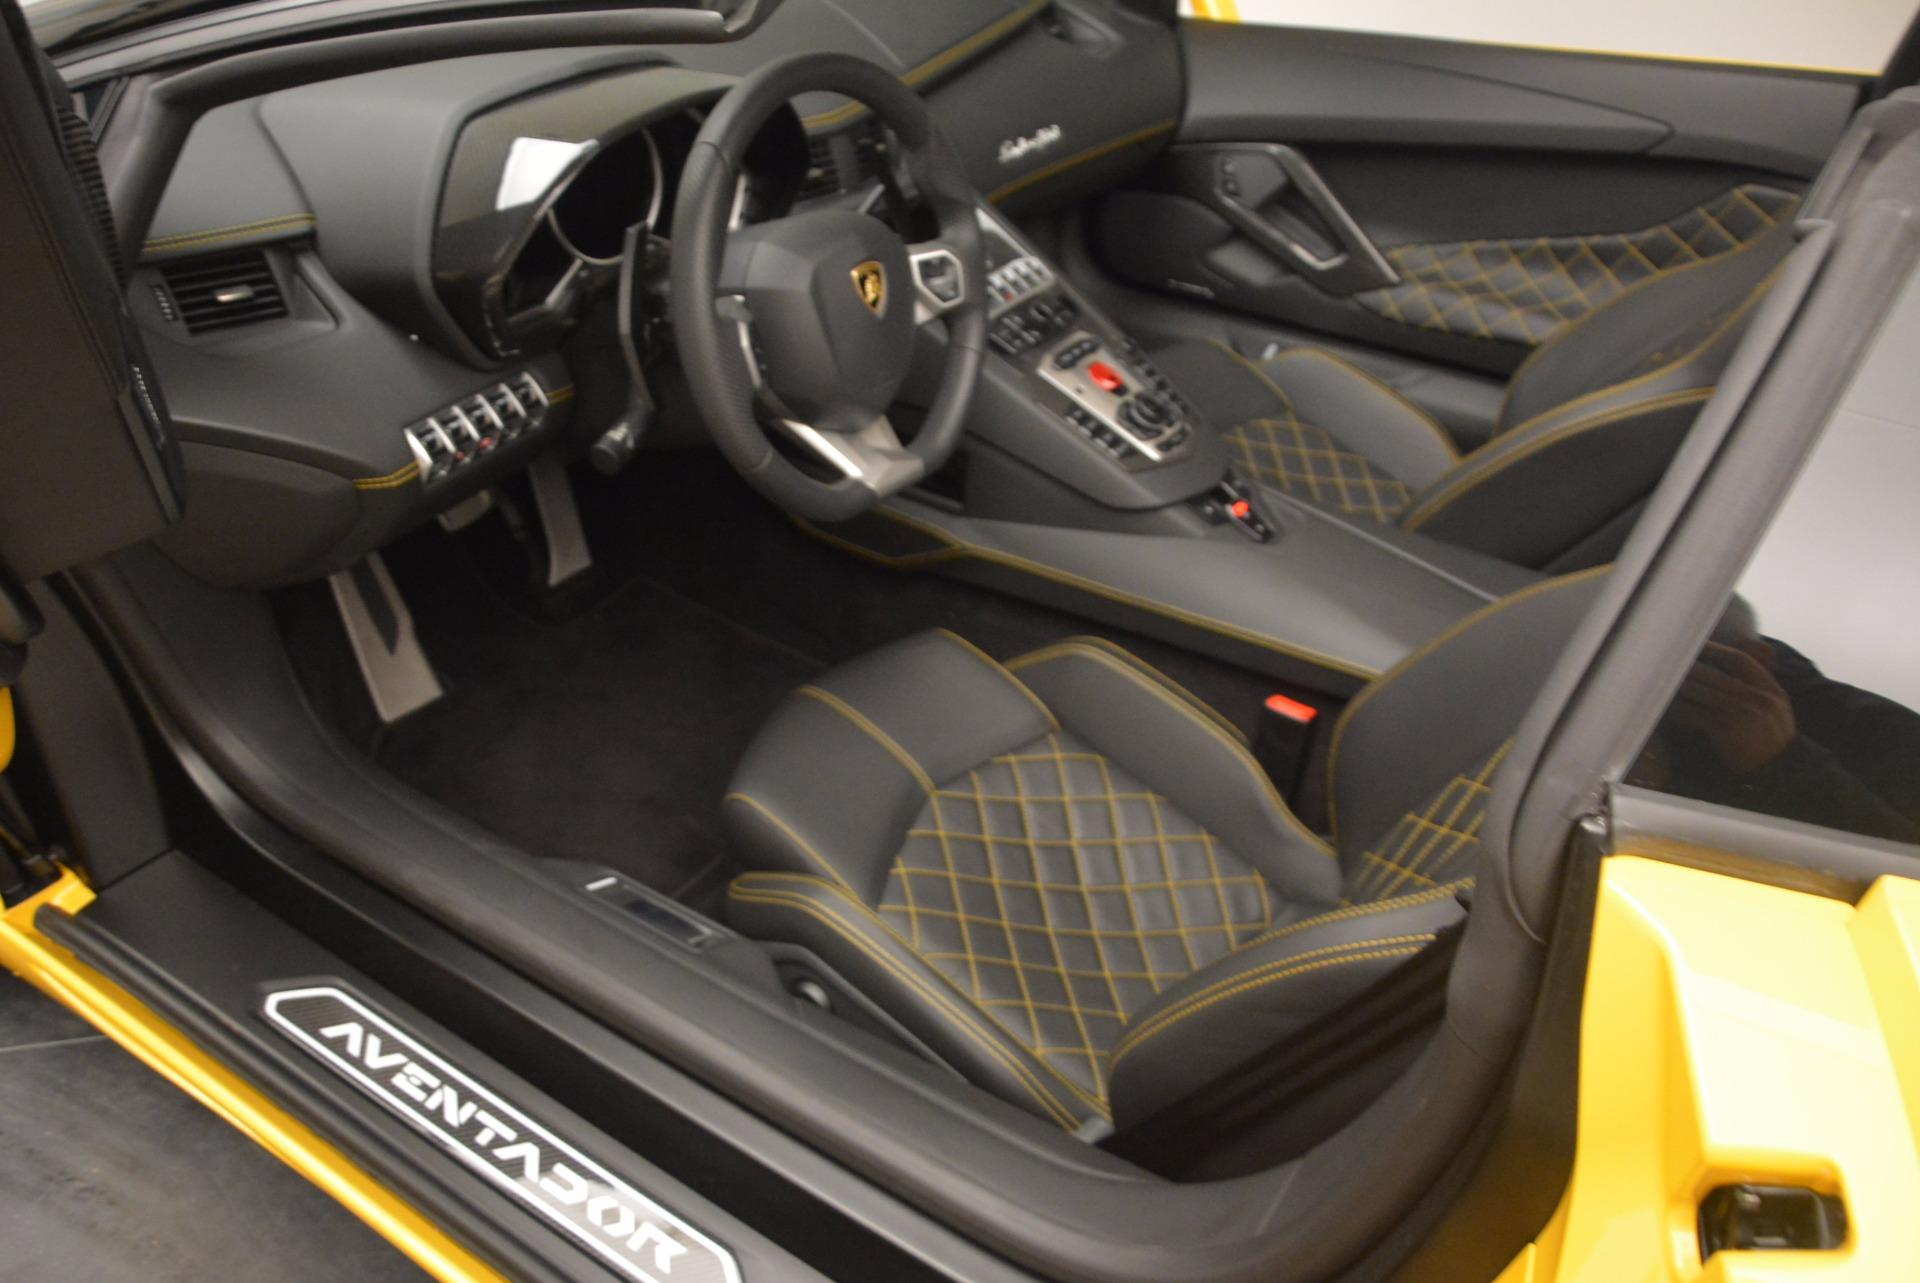 Used 2015 Lamborghini Aventador LP 700-4 Roadster For Sale In Greenwich, CT. Alfa Romeo of Greenwich, 7284 1774_p15